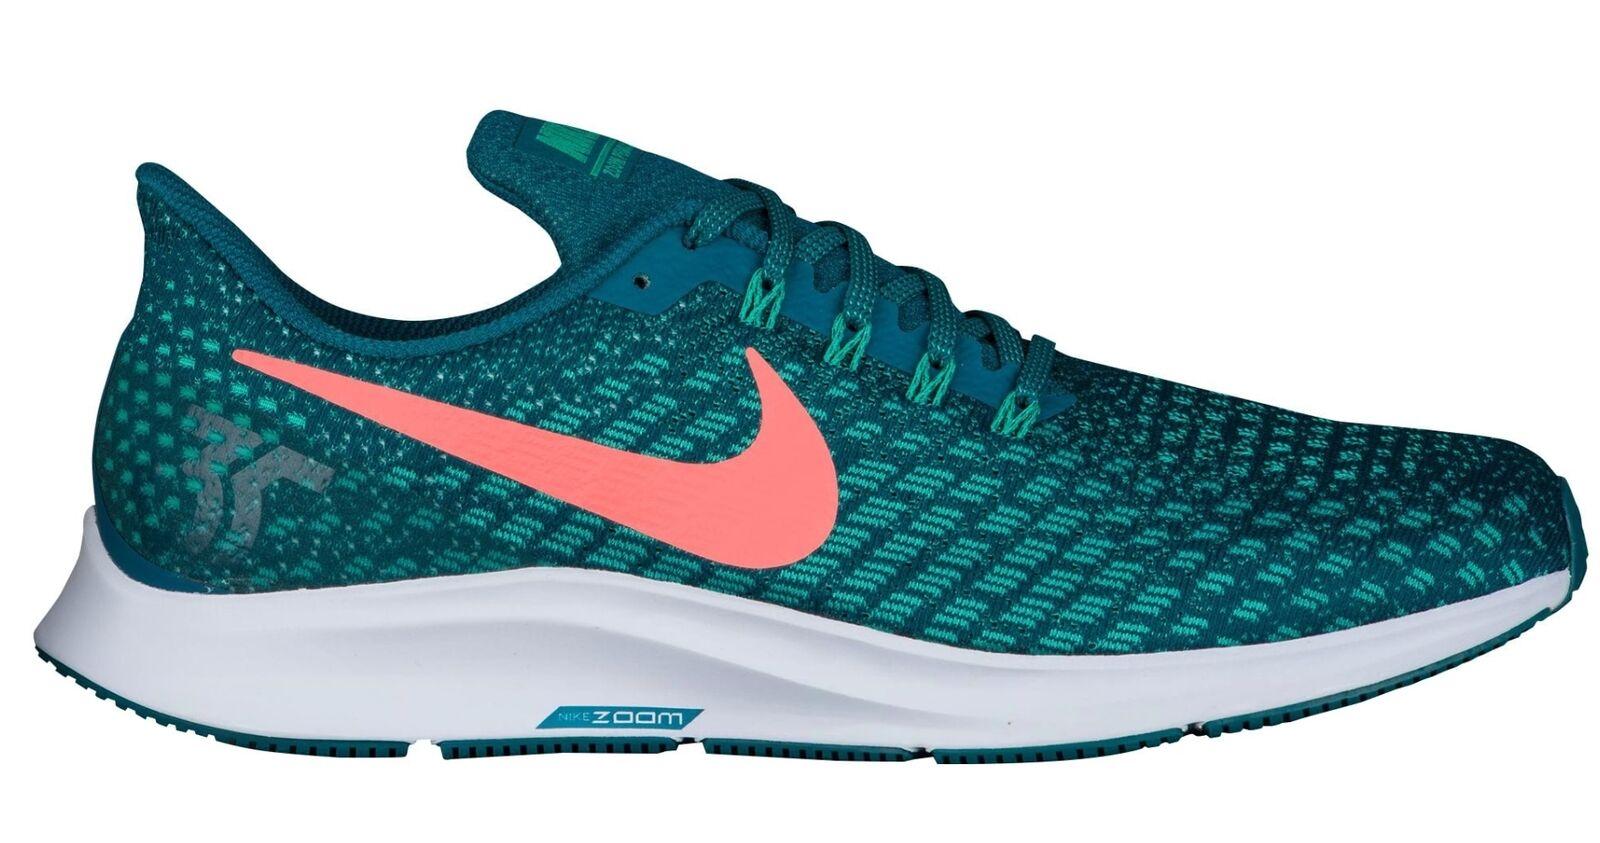 Nike air zoom pegasus 35 uomini 942851-300 geode till delle scarpe da corsa misura 8,5